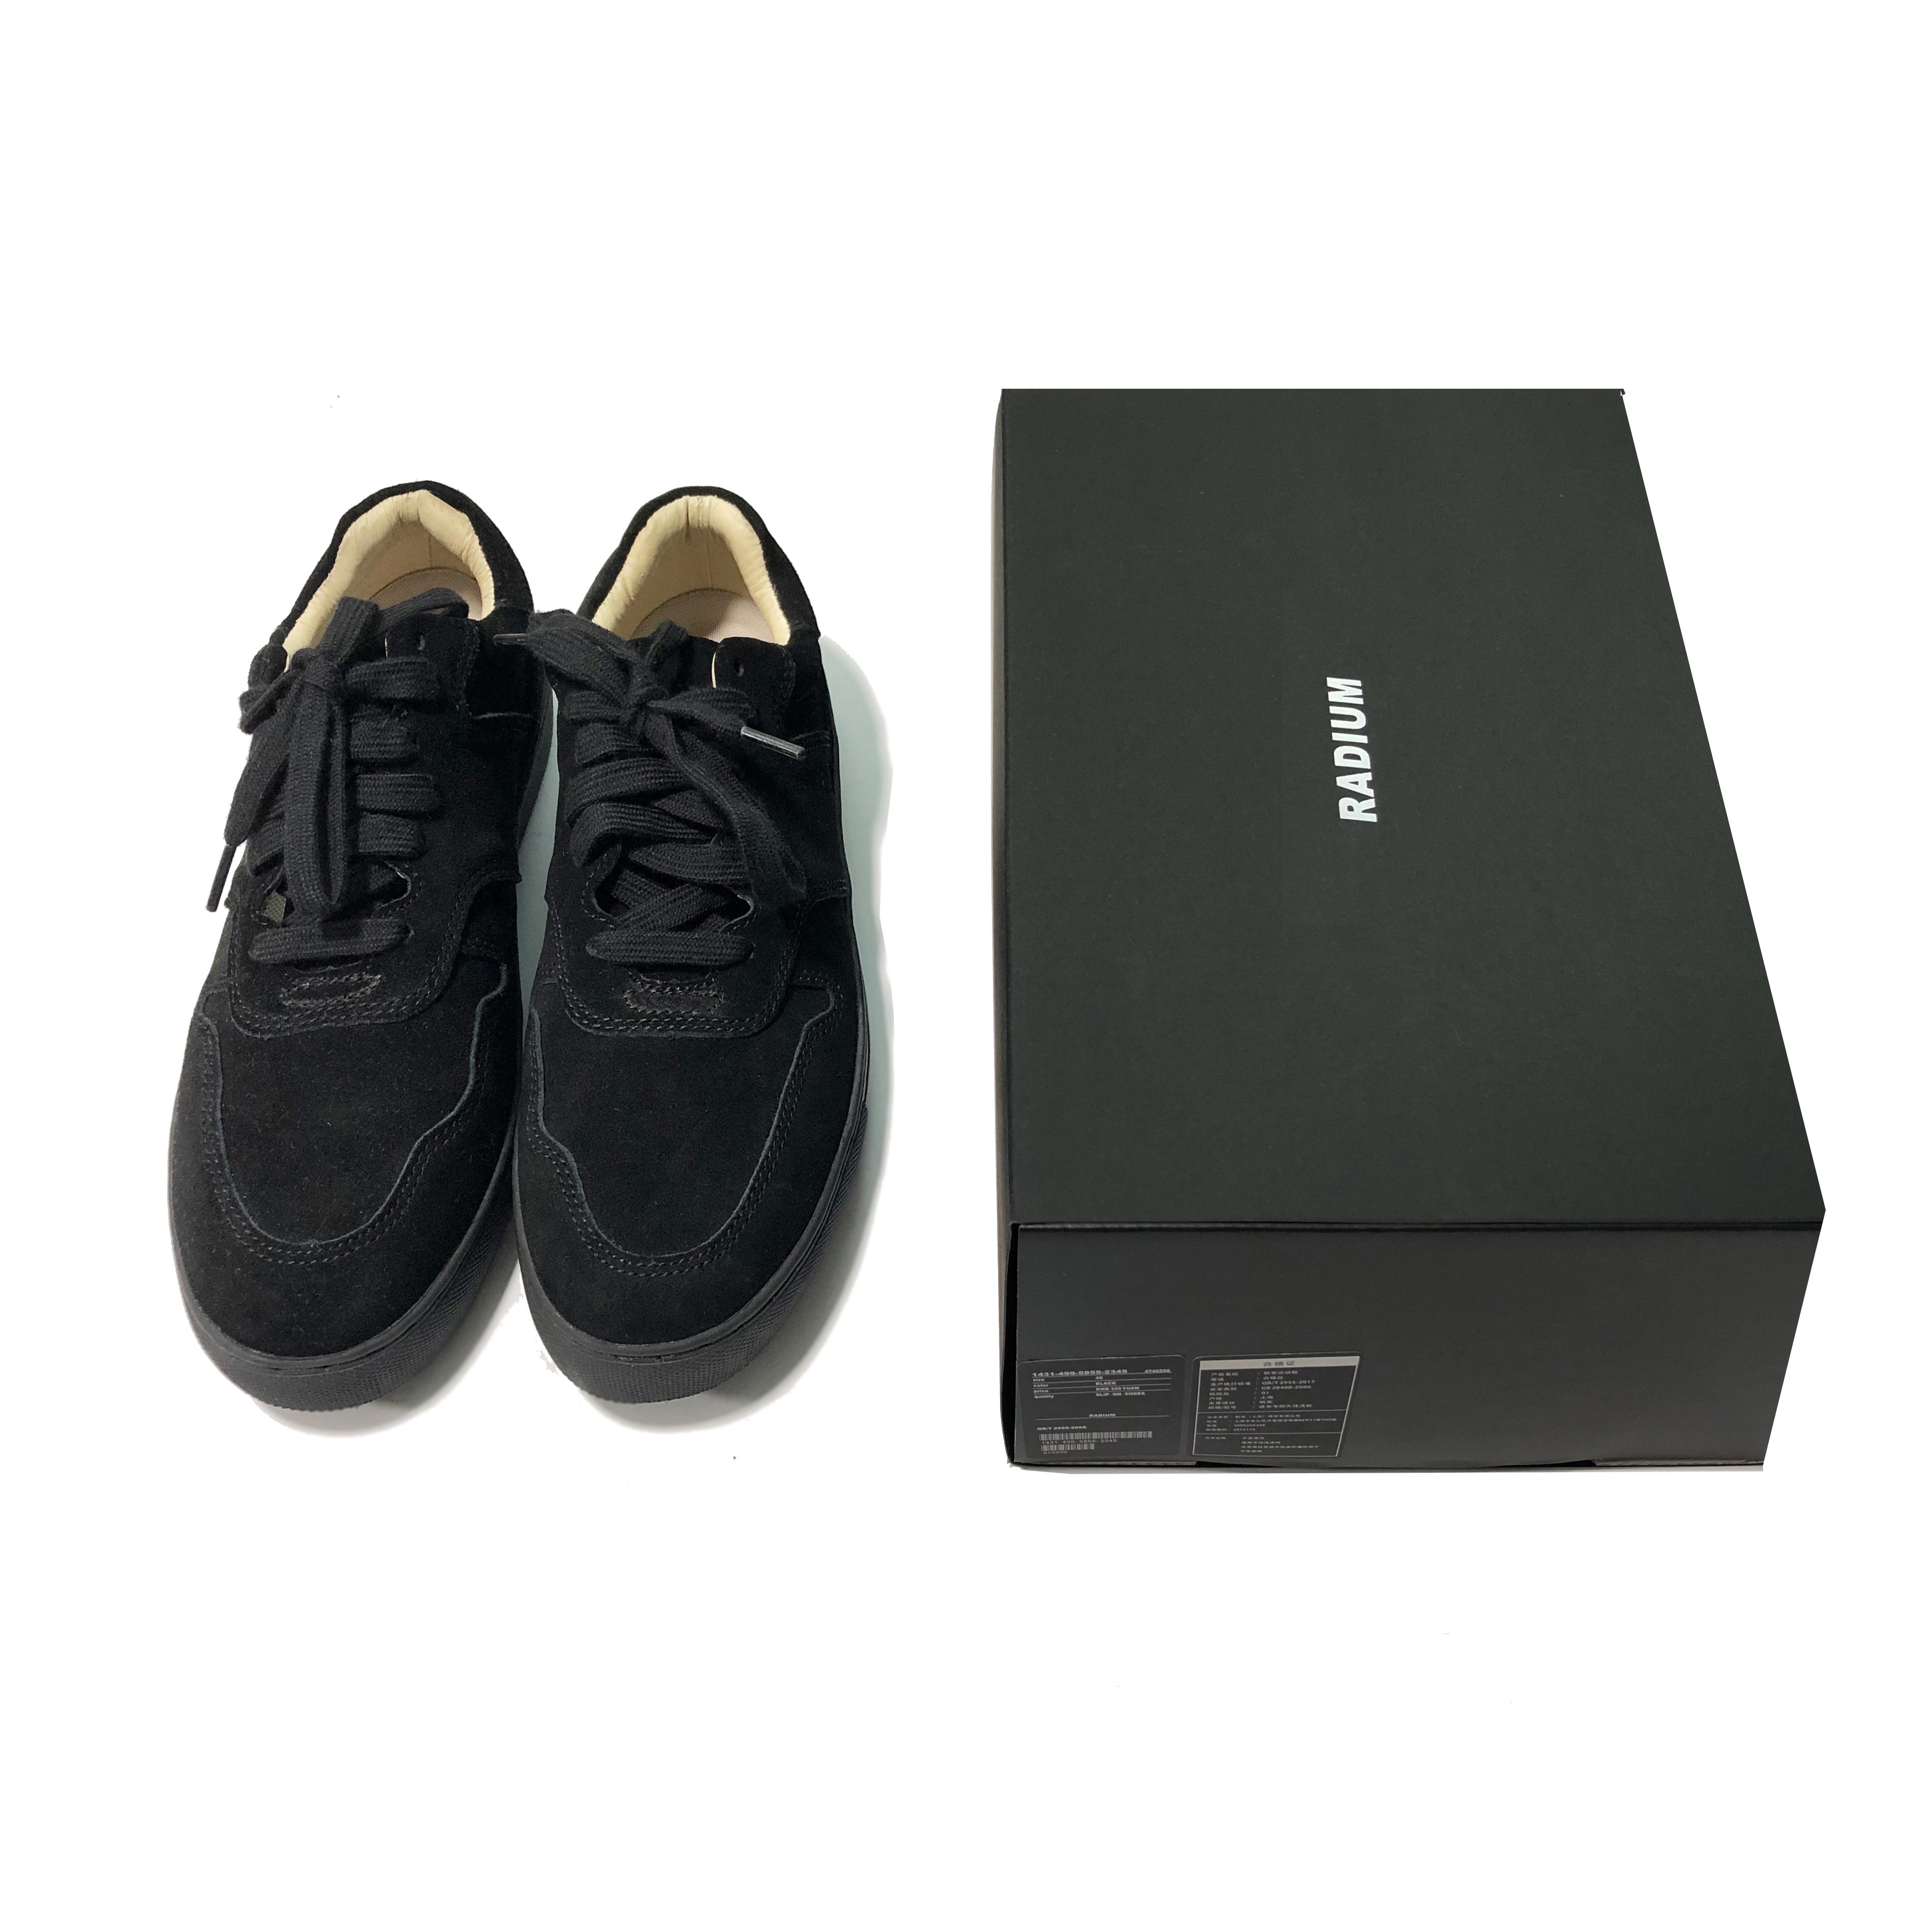 RADIUM韩国潮牌休闲运动真皮日本日系板鞋男鞋绒余文乐麂皮小黑鞋